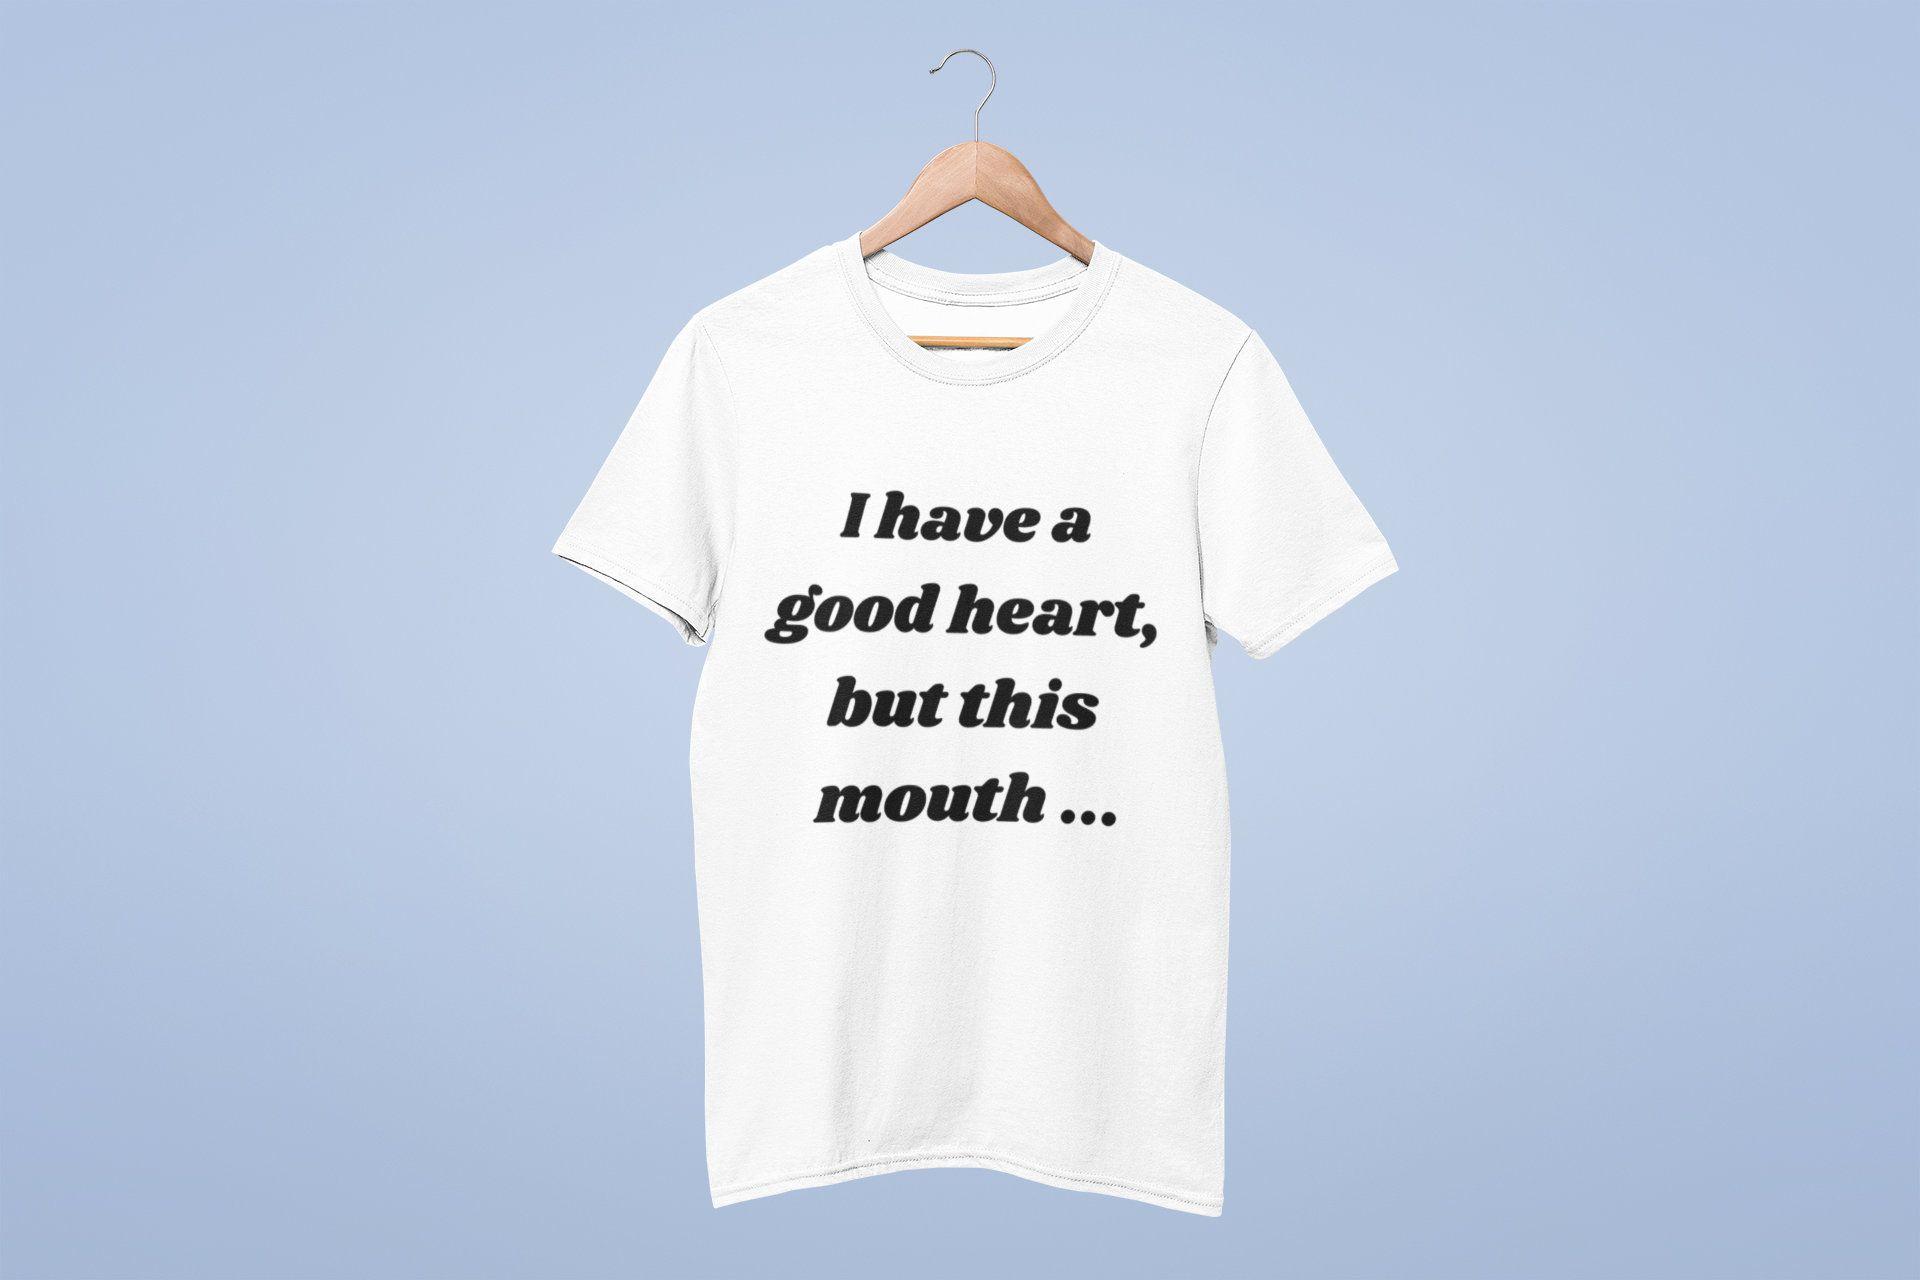 Funny Sassy Tshirt Sarcasm Tshirt Tshirt With Saying Quote Etsy T Shirts With Sayings Funny Tshirt Quotes Sarcastic Tshirts